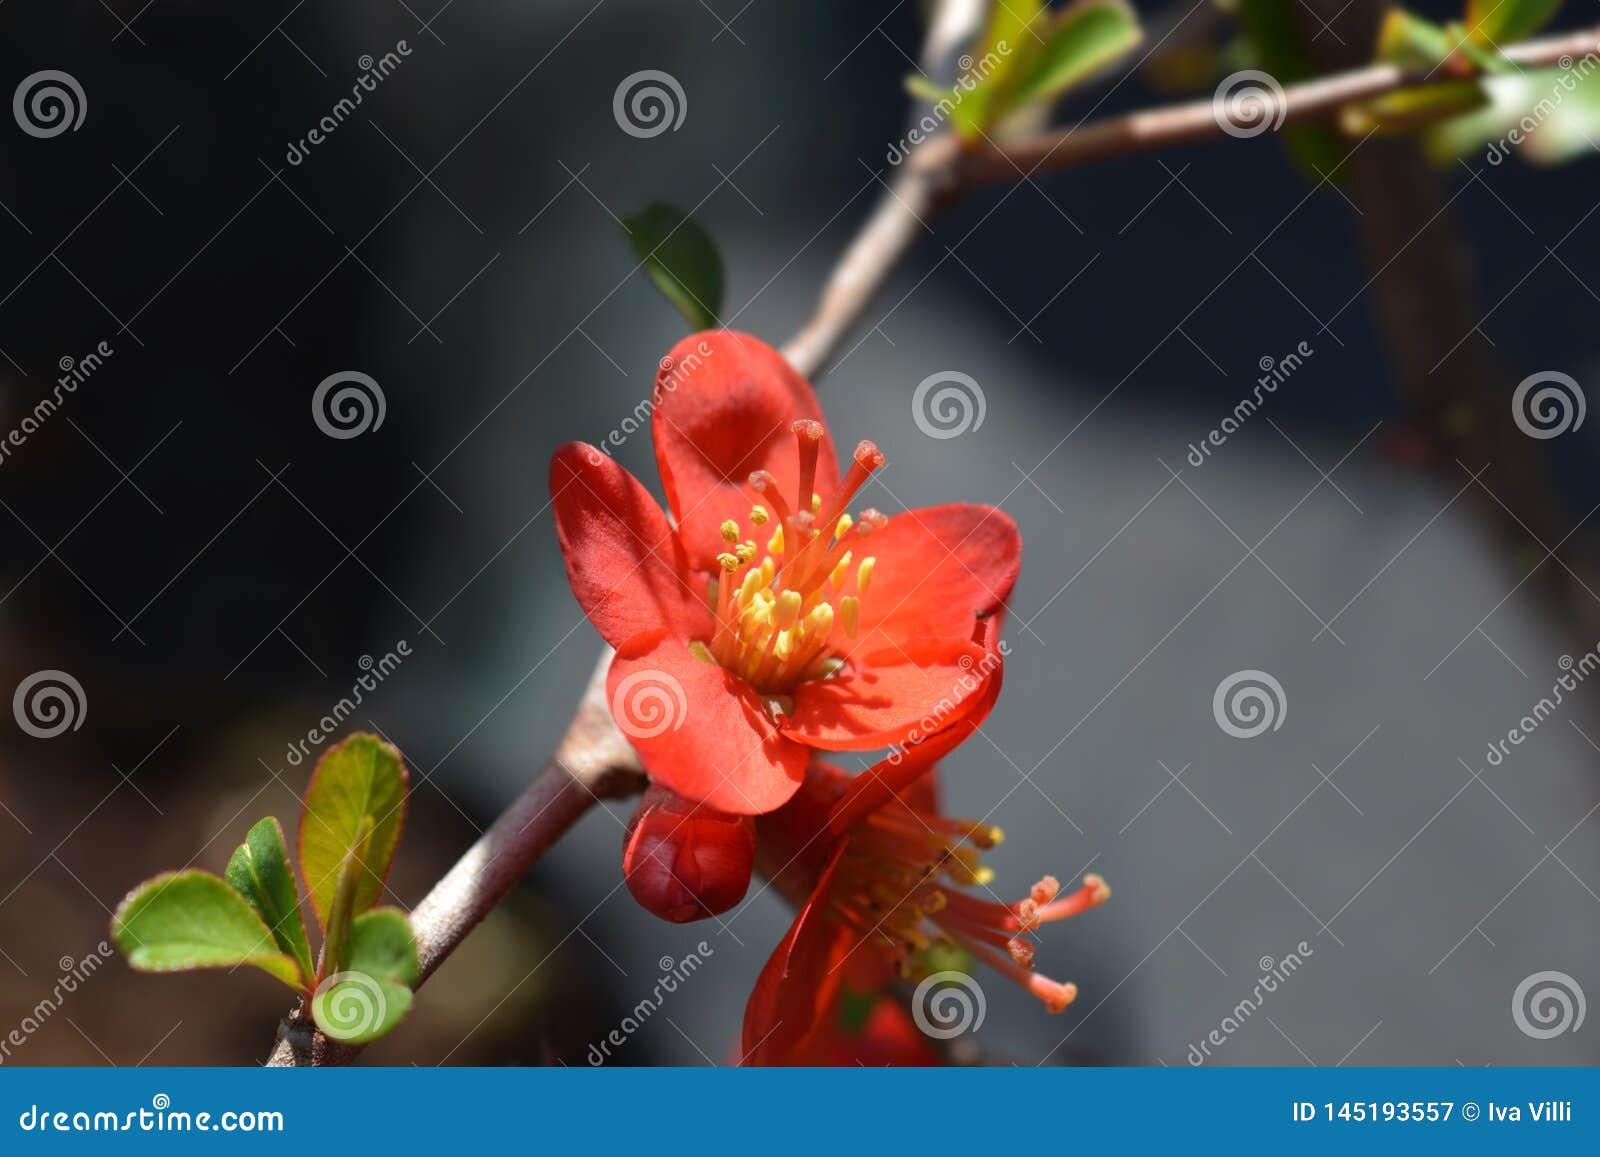 Hollandia Flowering Quince